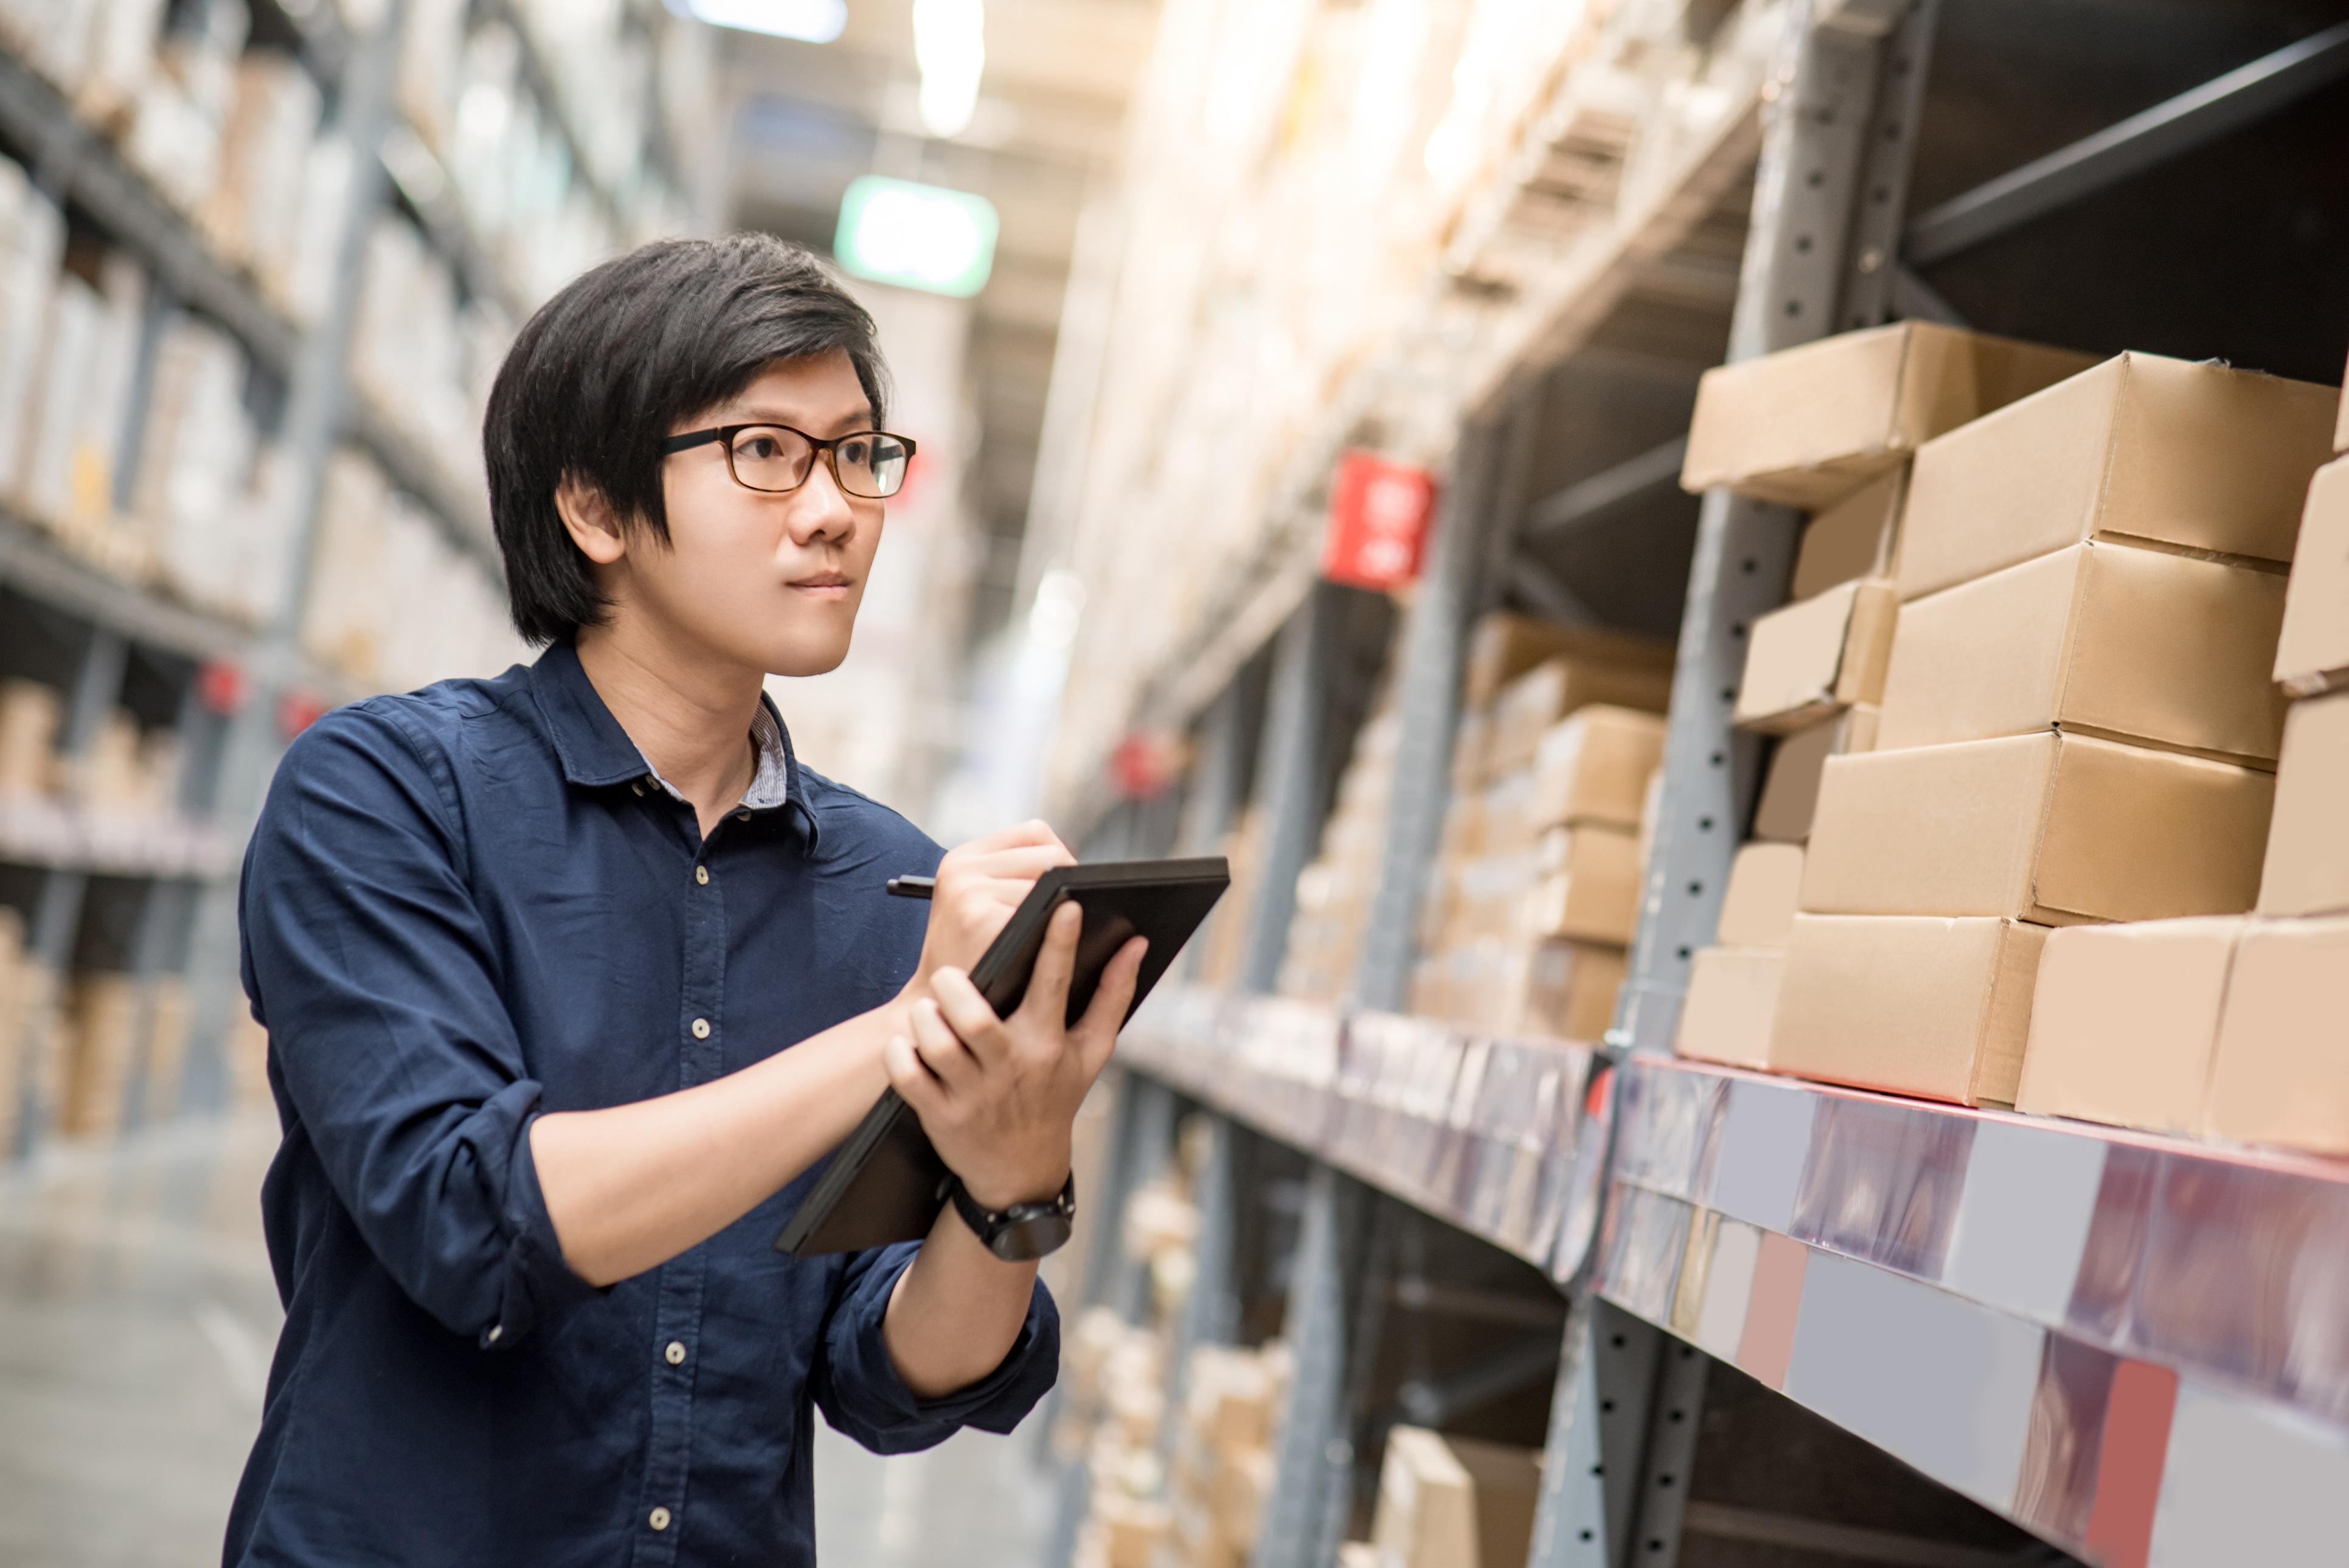 Tipos de estrategias empresariales: mejorar la cadena de suministro